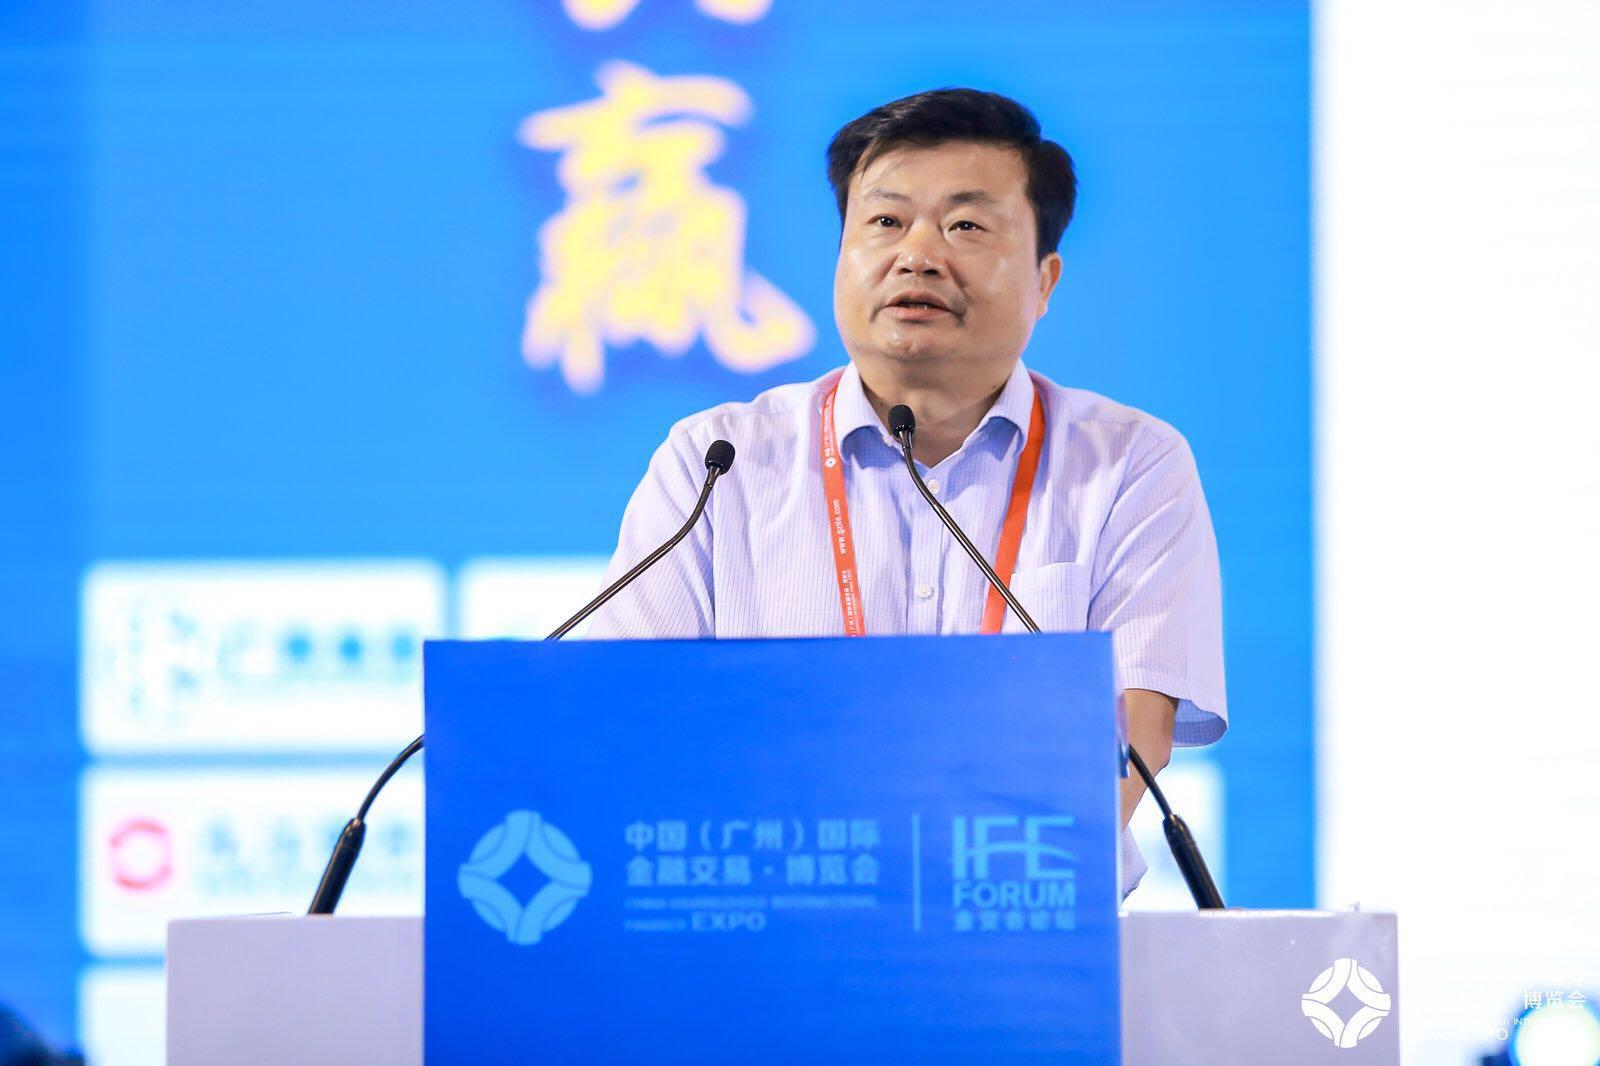 广药集团董事长李楚源:将中药打造成世界级产业名片、文化名片